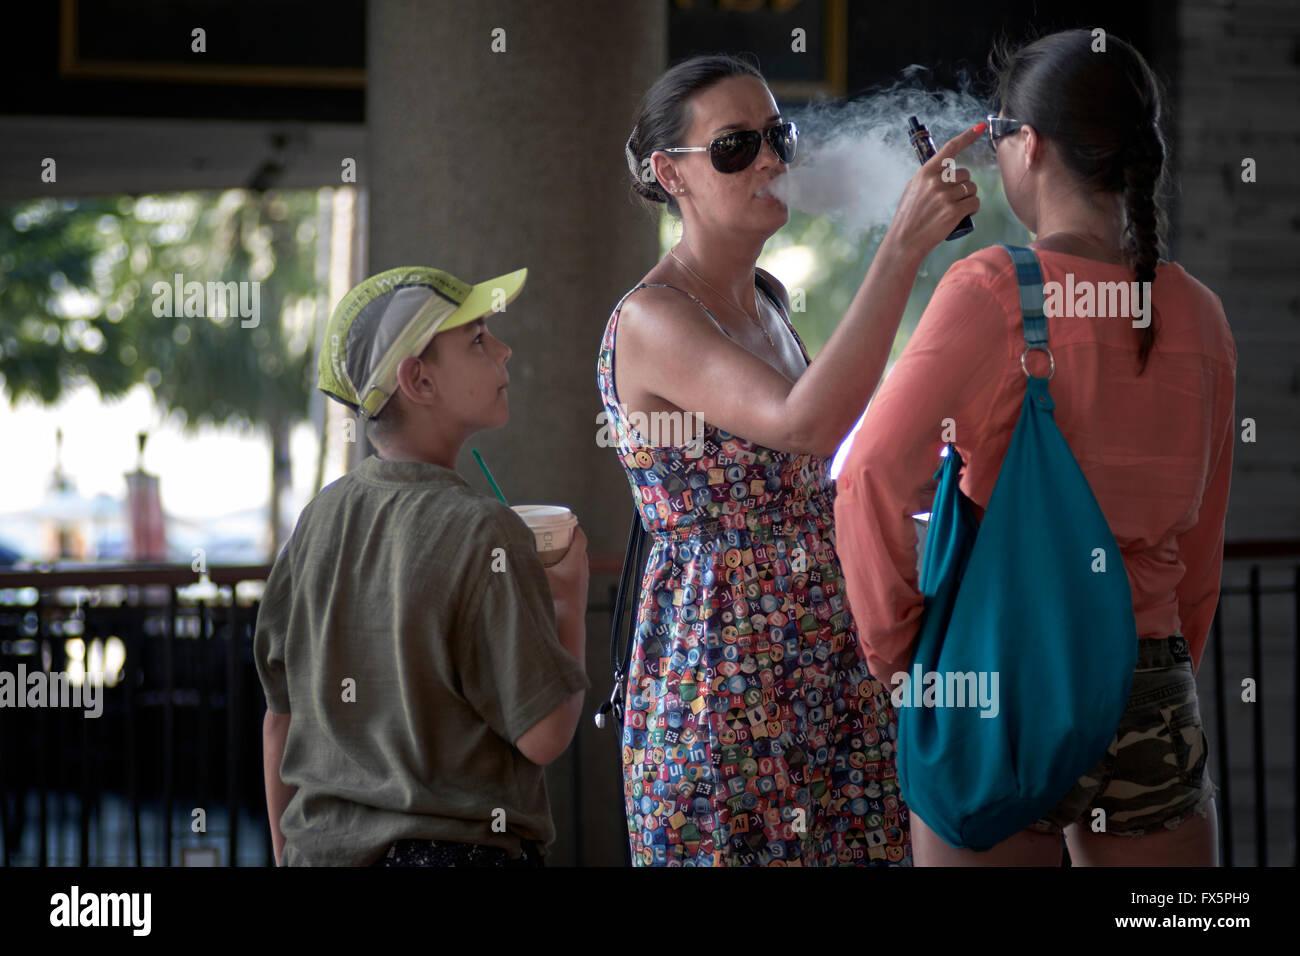 Le tabagisme passif. Mère fumeurs de cigarettes et de fumée e de soufflage en visage d'enfant. Photo Stock